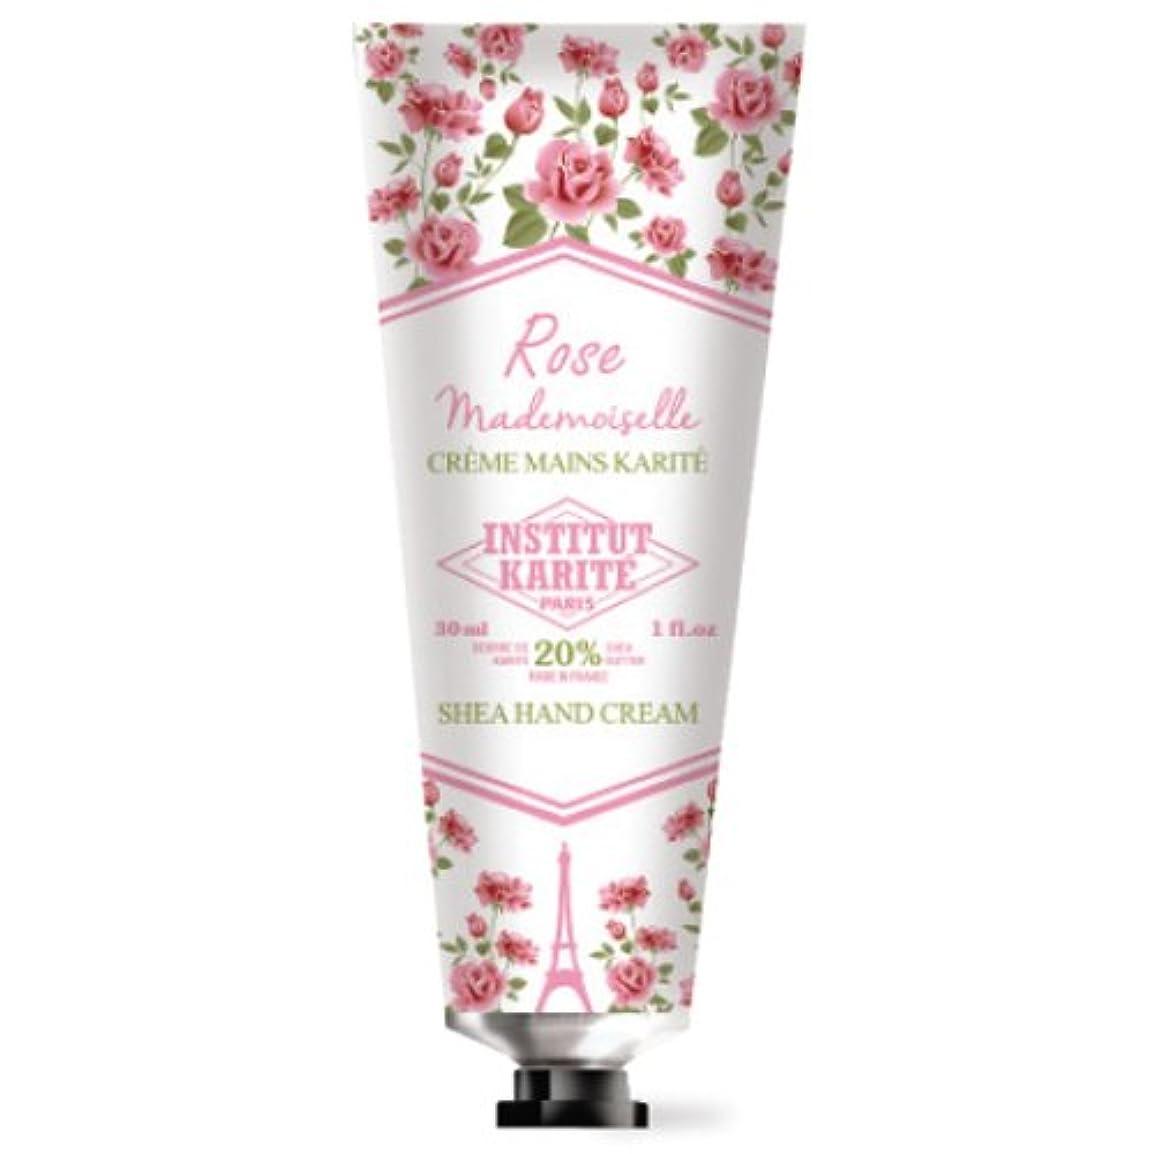 参照チーターロードハウスINSTITUT KARITE カリテ Rose Mademoiselle クラシックローズ ハンドクリーム 30ml